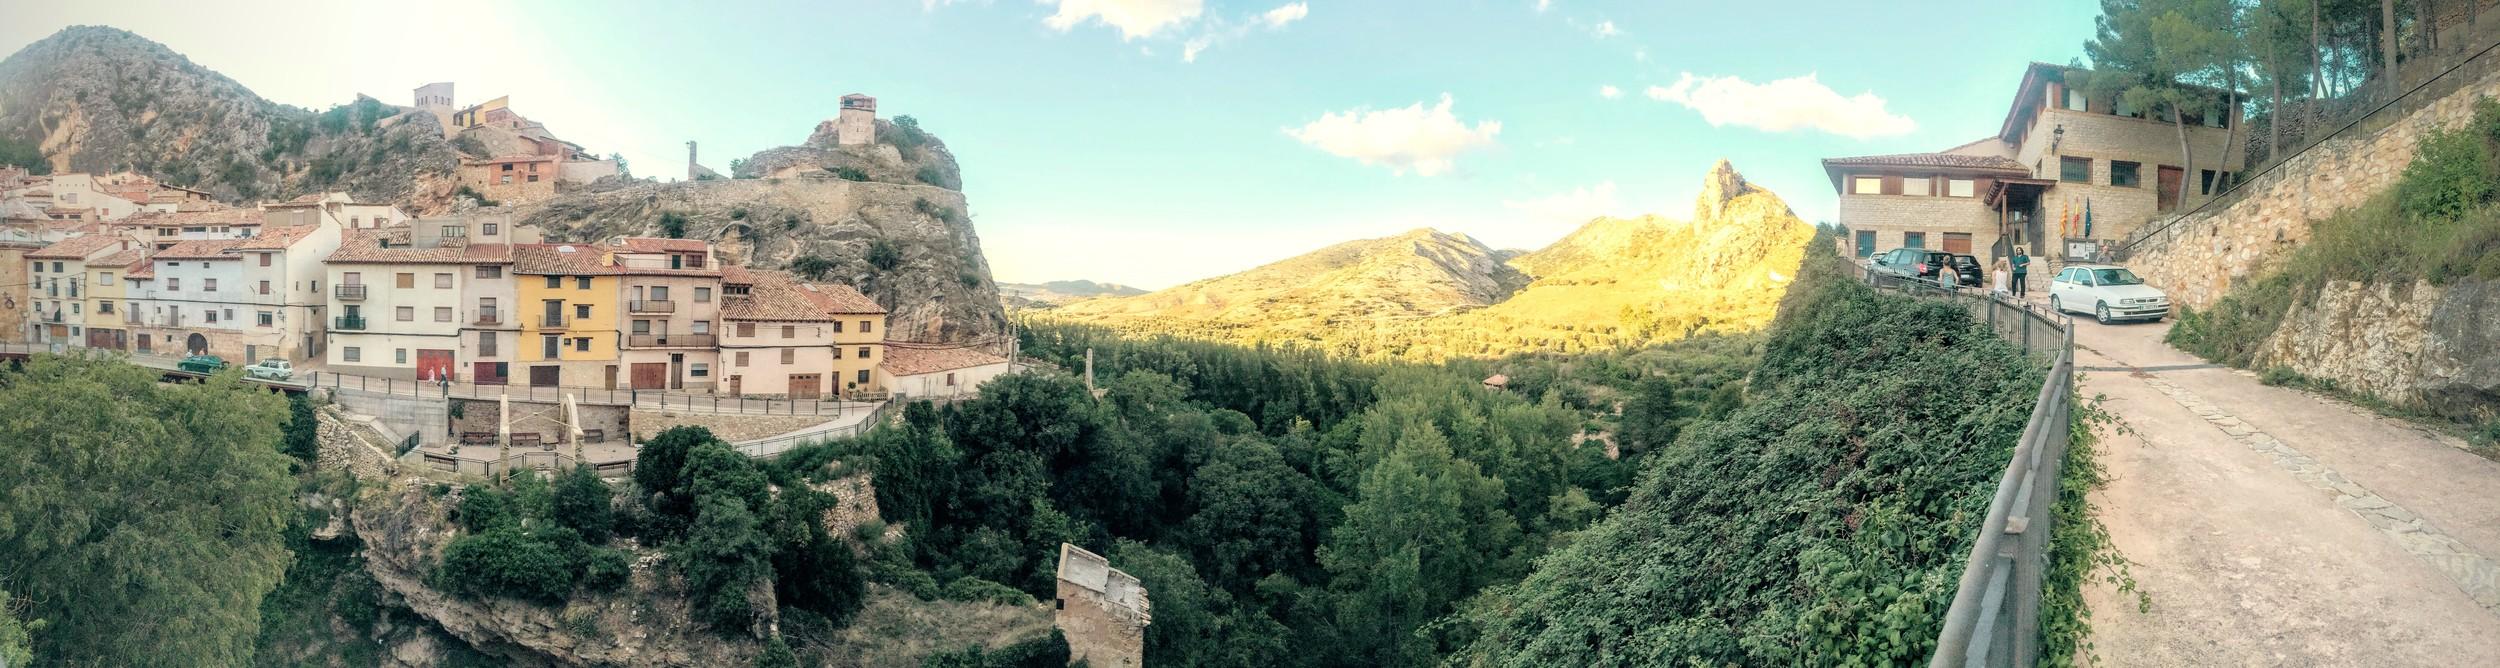 Tarifa plana rural - Molinos